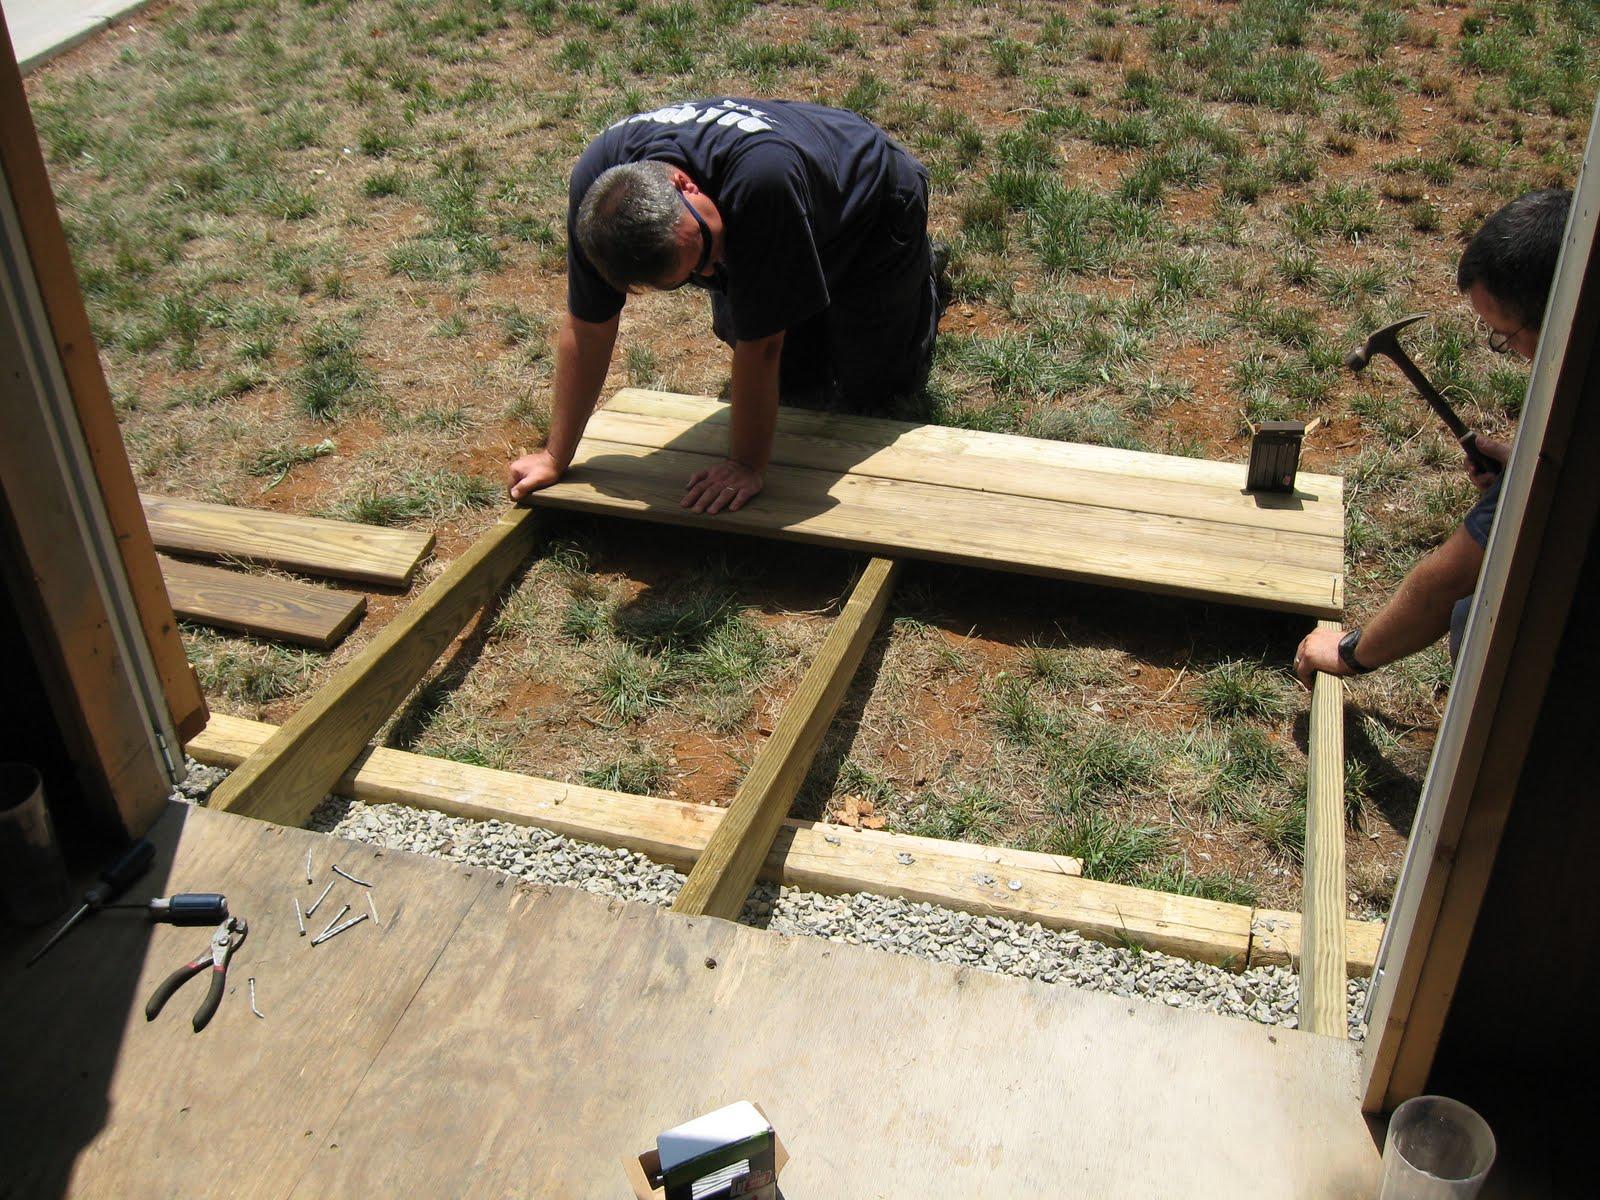 ... Do You Build A Wood Ramp For A Storage Shed 8x10x12x14x16x18x20x22x24